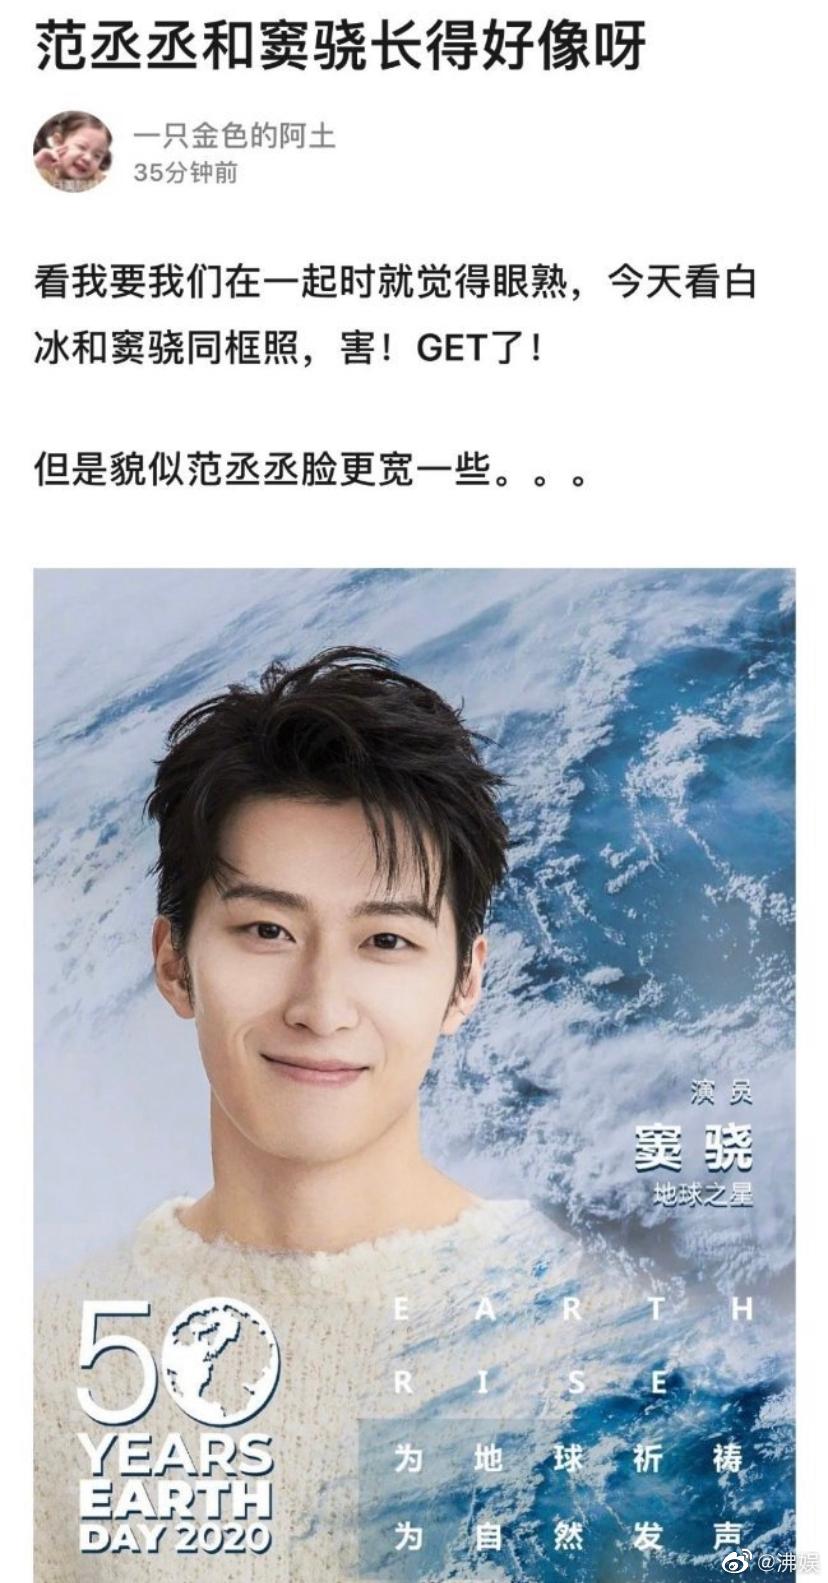 网友说范丞丞和窦骁长的有点像两人都是大帅哥辣你觉得像吗?